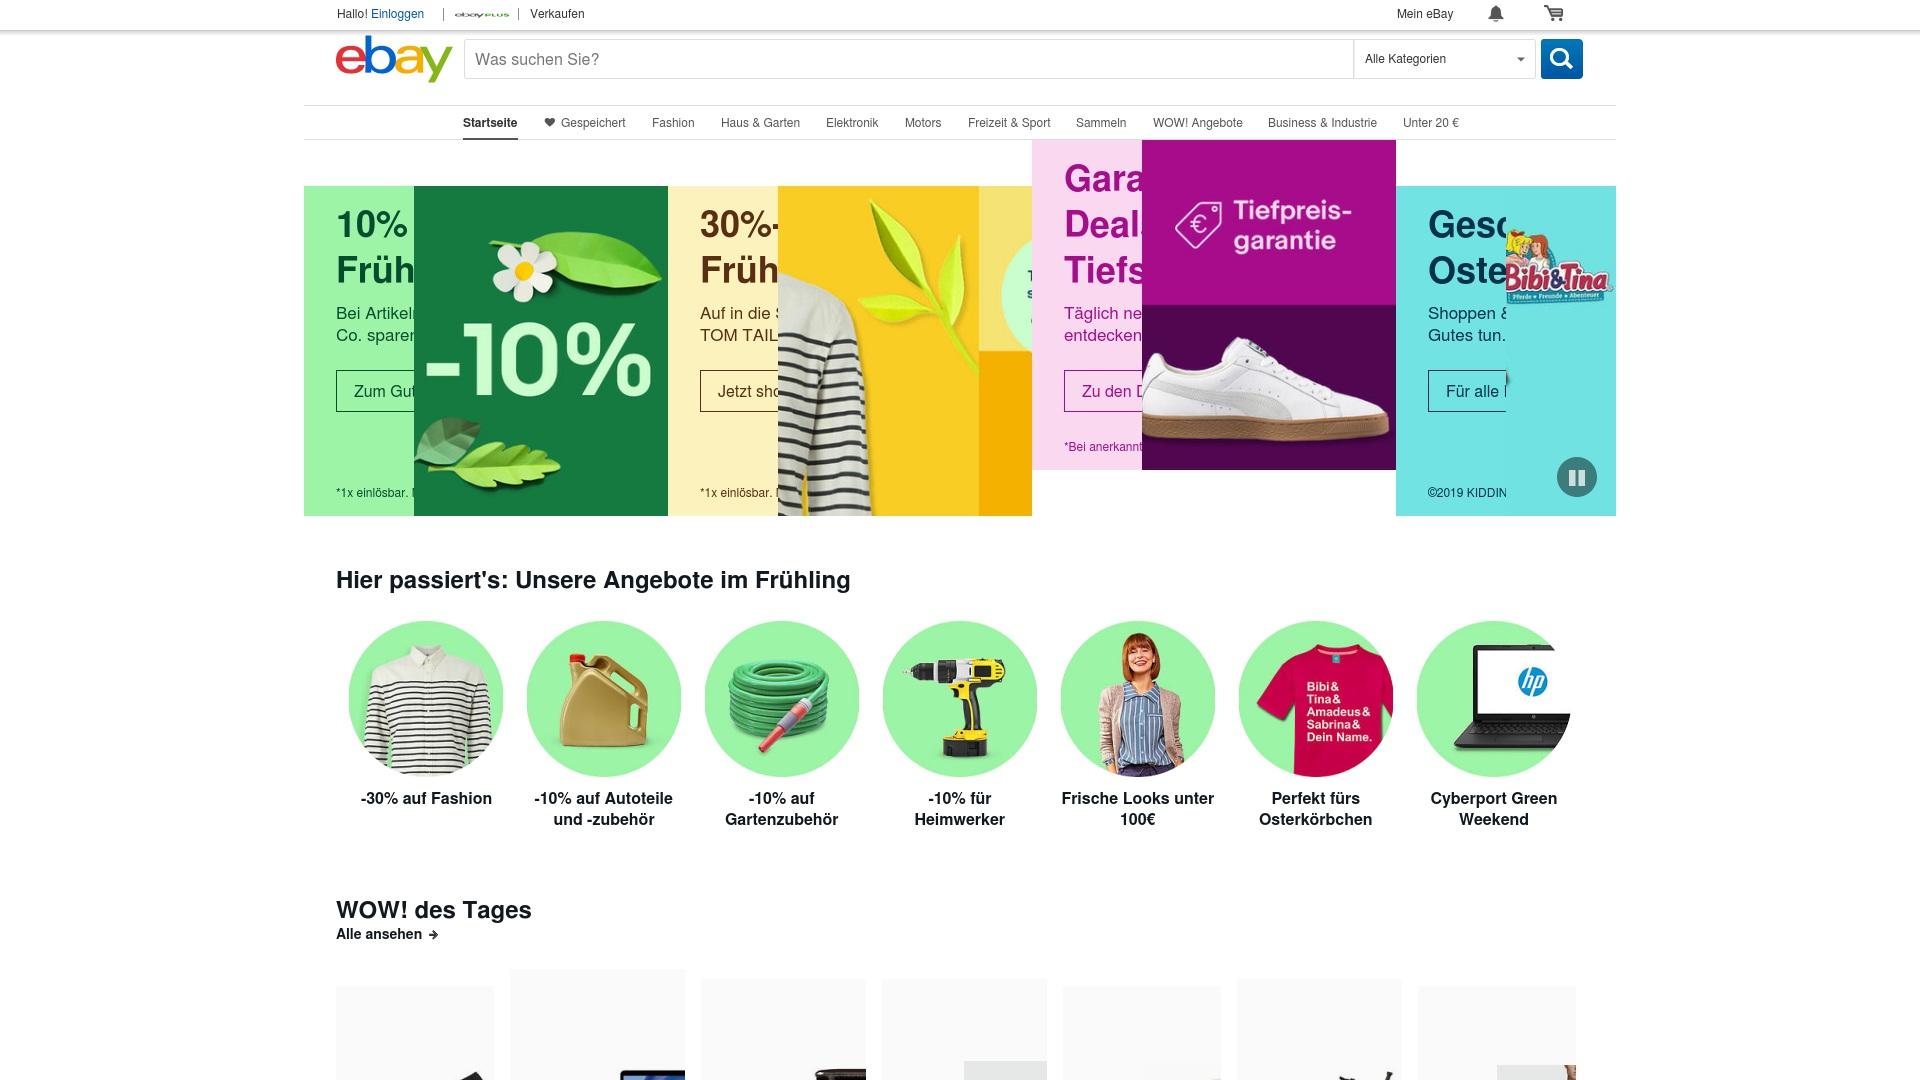 Gutschein für Ebay: Rabatte für  Ebay sichern